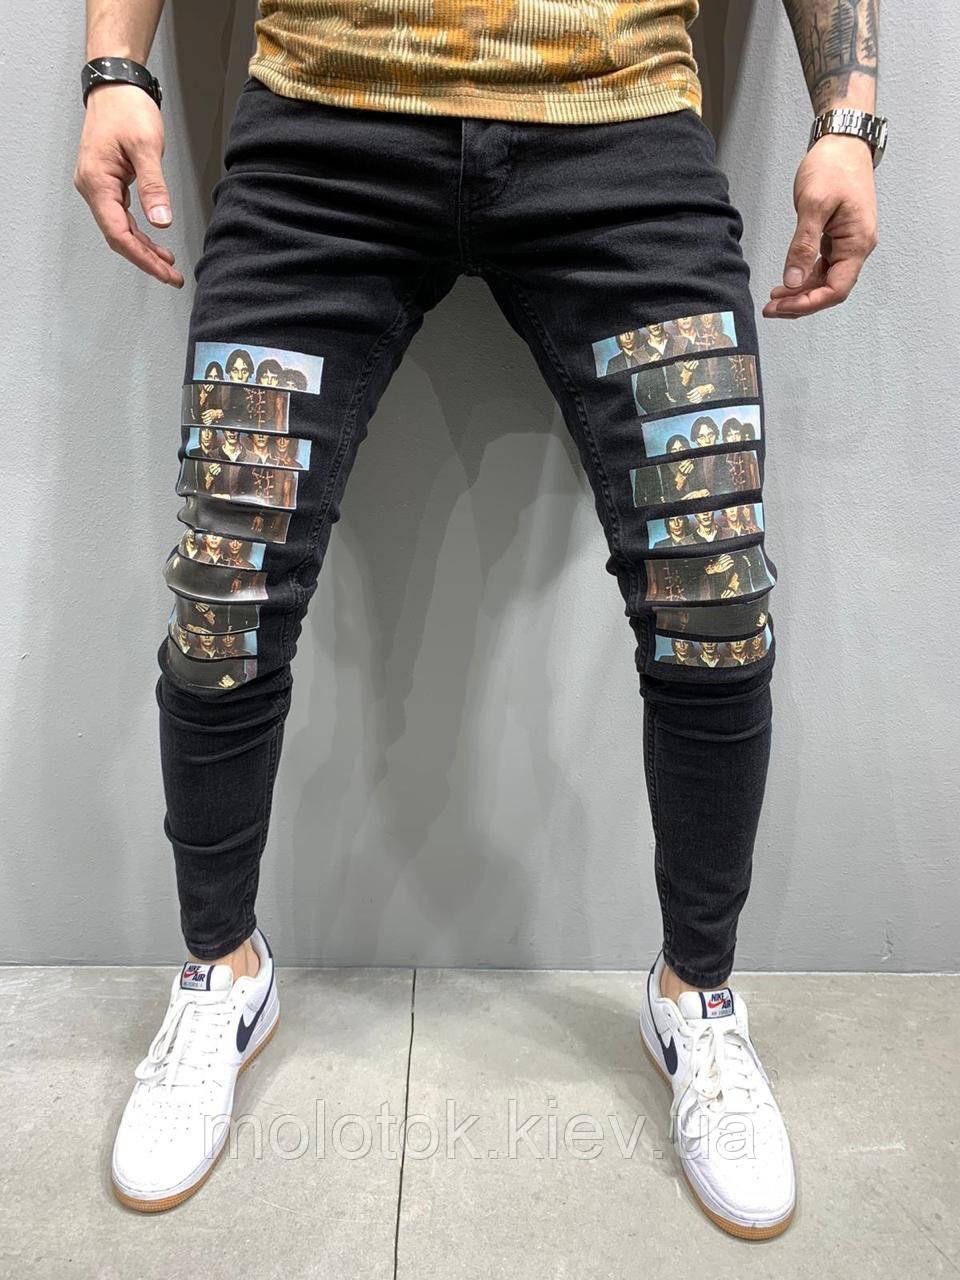 Мужские джинсы slim рваные демисезонные черные Люкс